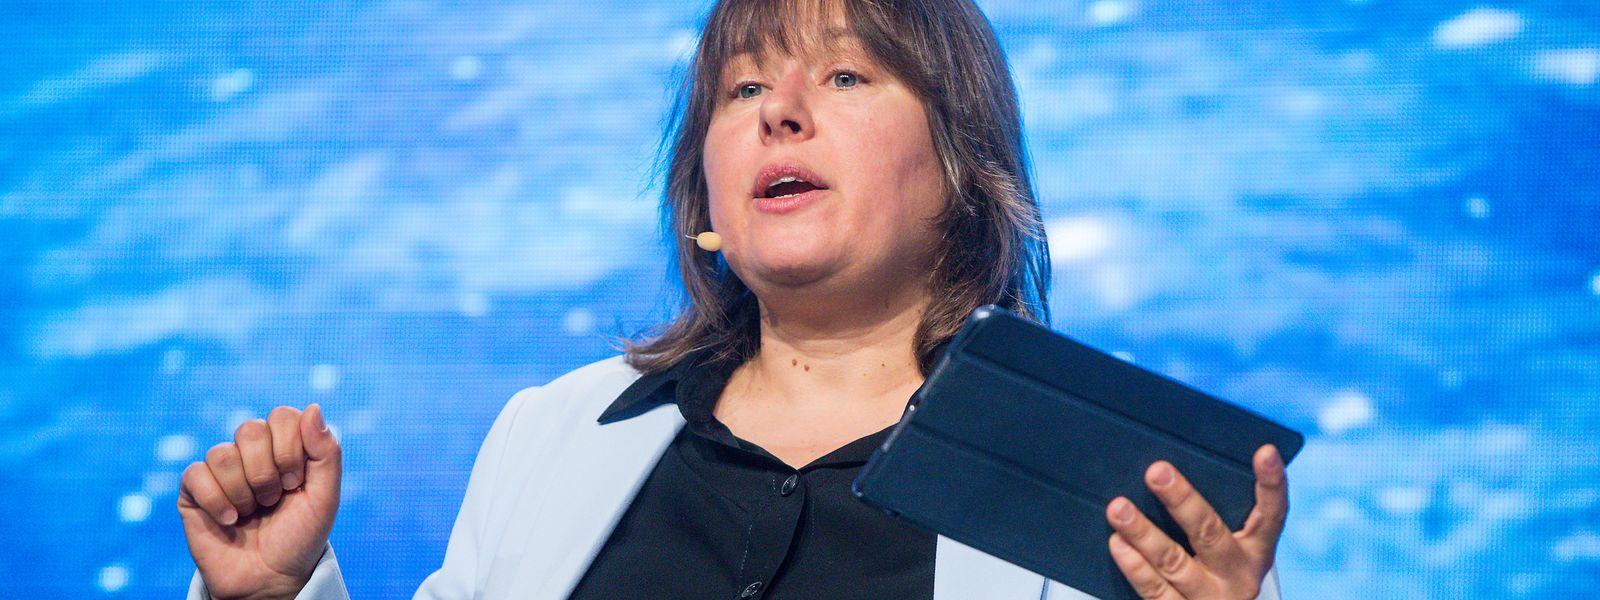 Alfi-Präsidentin Corinne Lamesch ist sich sicher: Die Fondsindustrie wird eine immer wichtigere gesellschaftliche und soziale Rolle in der Wirtschaft spielen.